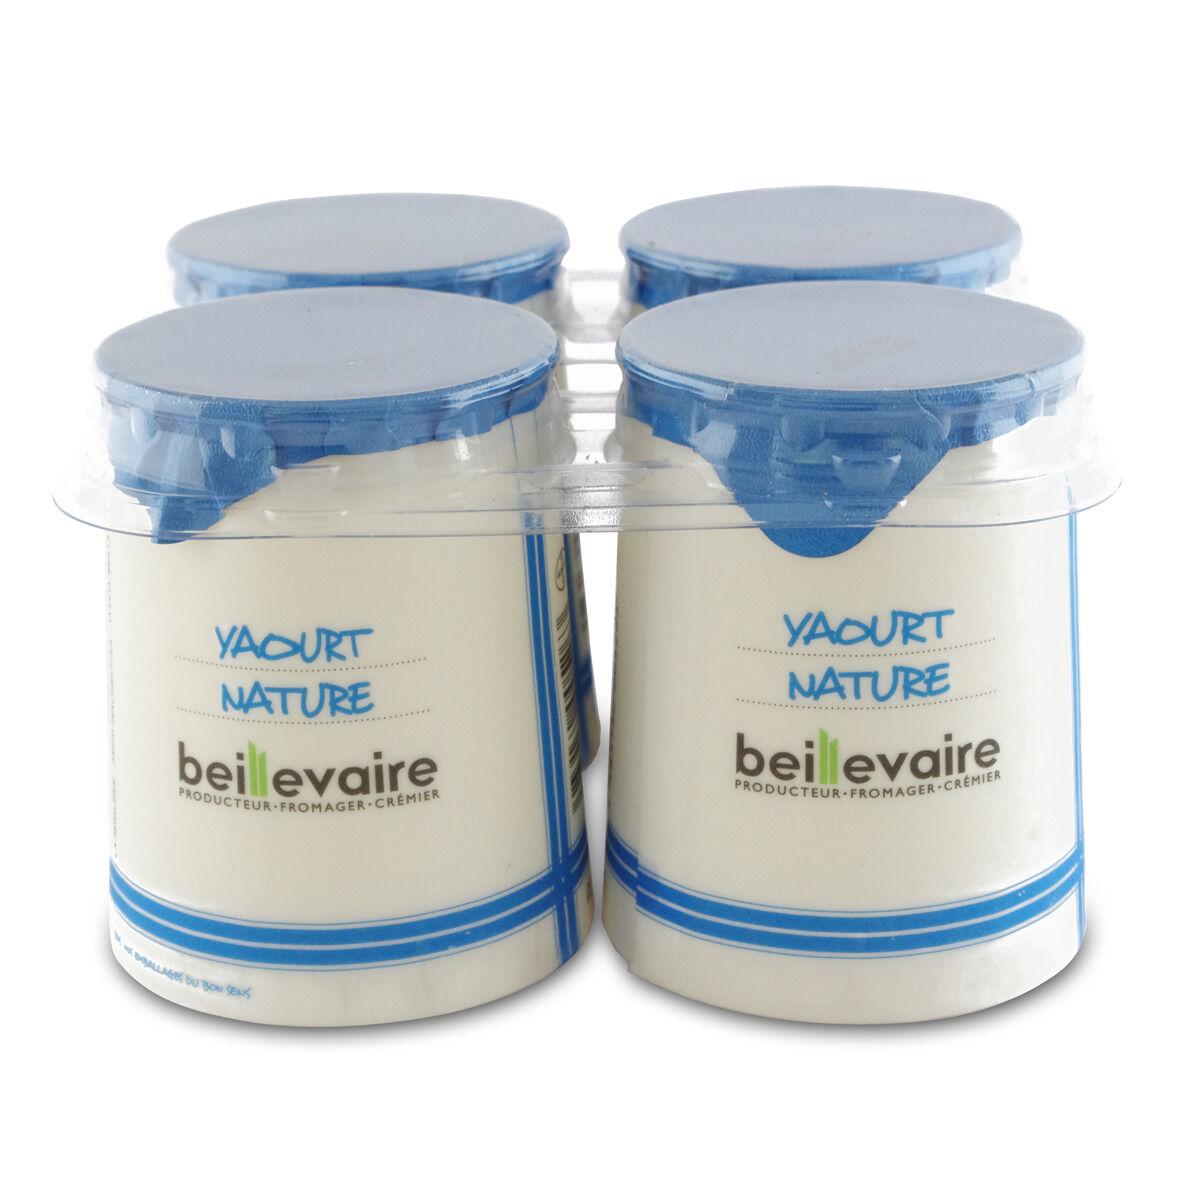 BEILLEVAIRE Lot de 4 Yaourts Nature lait entier